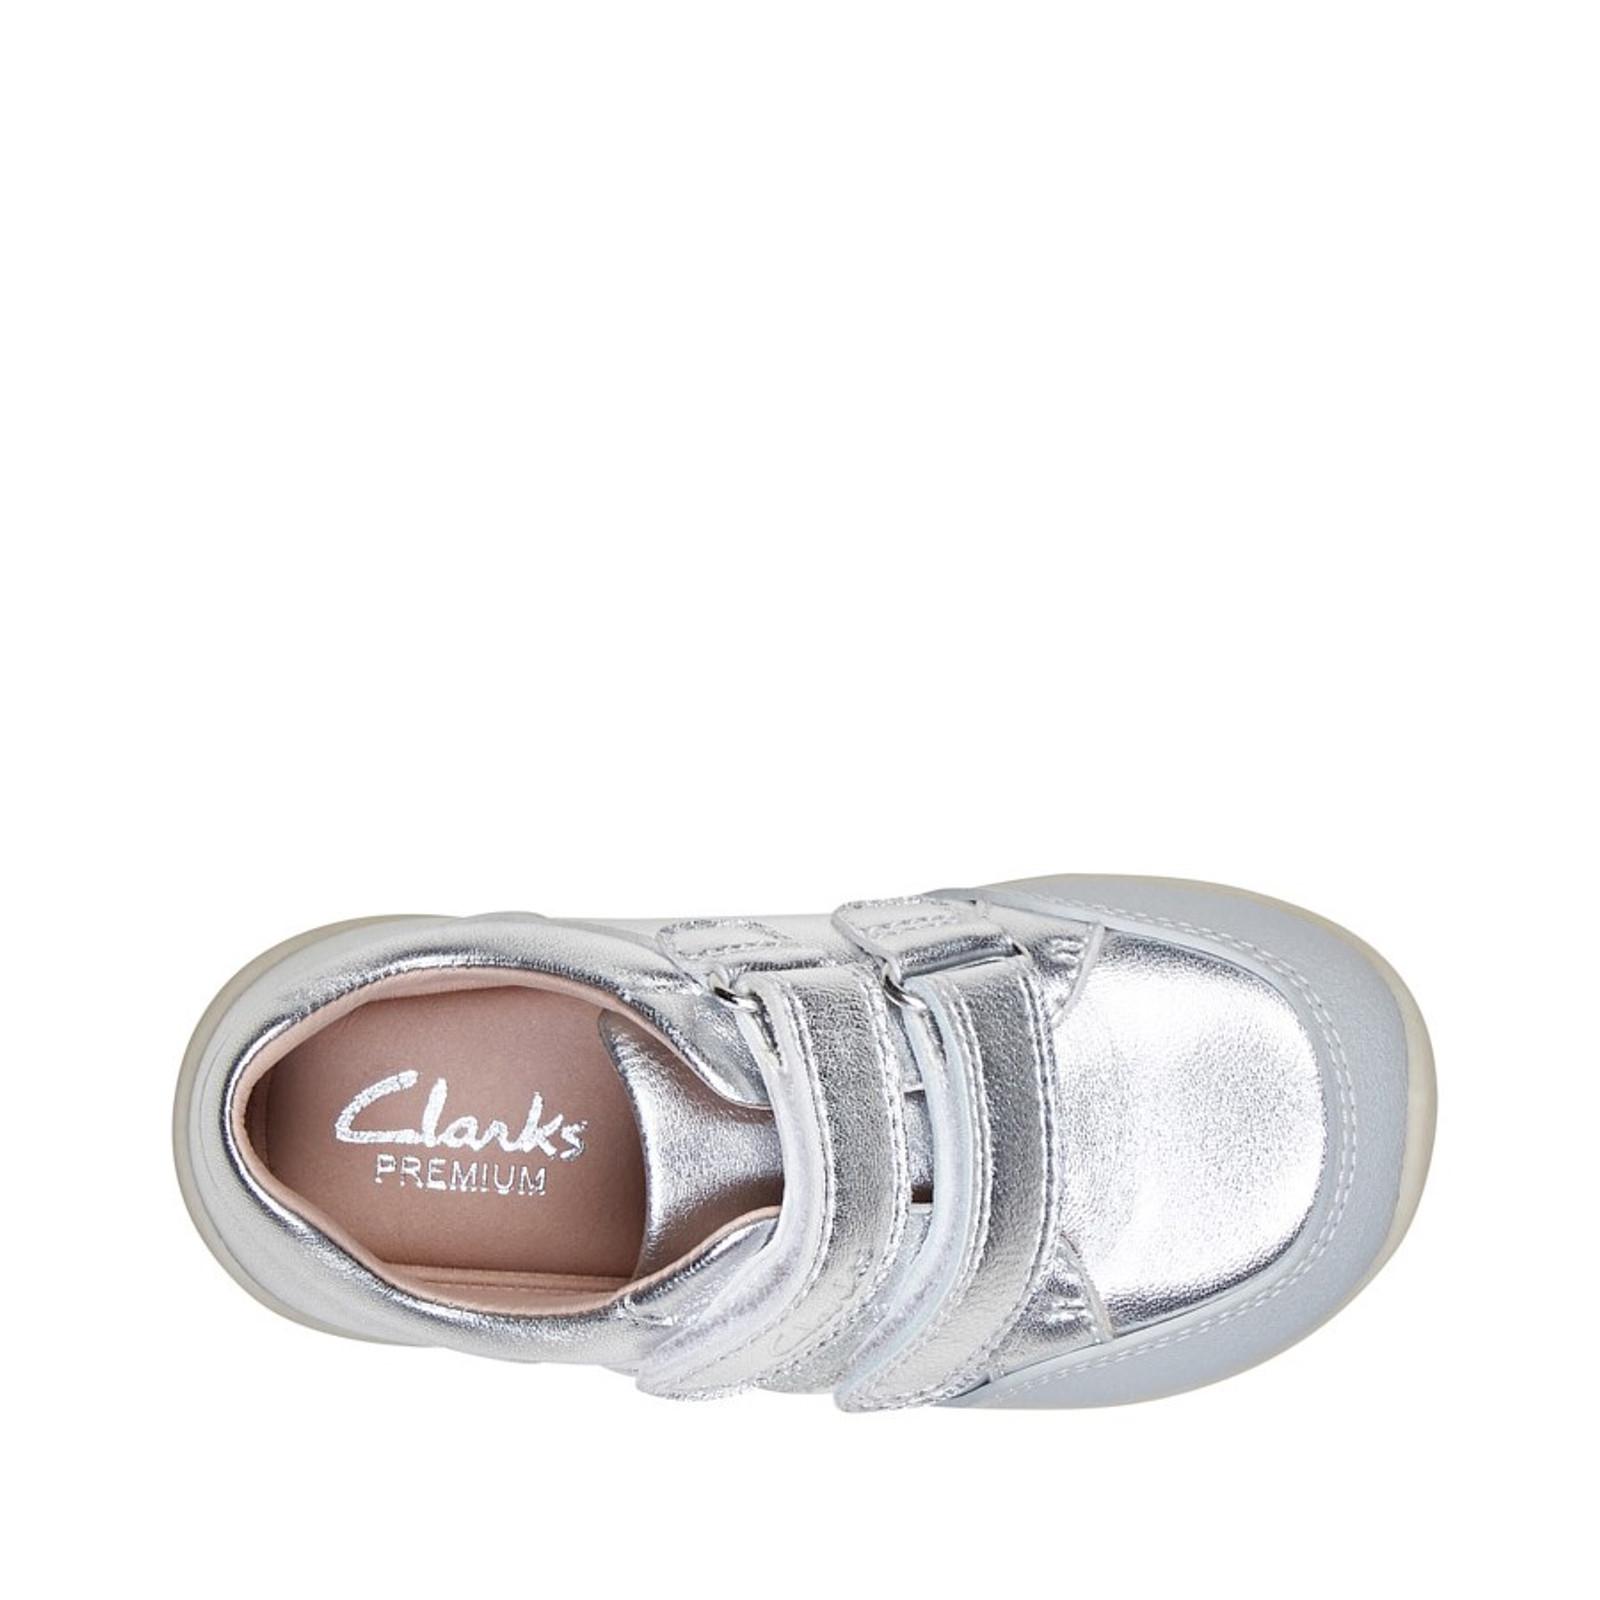 Clarks UnisexChildren MICKY Silver